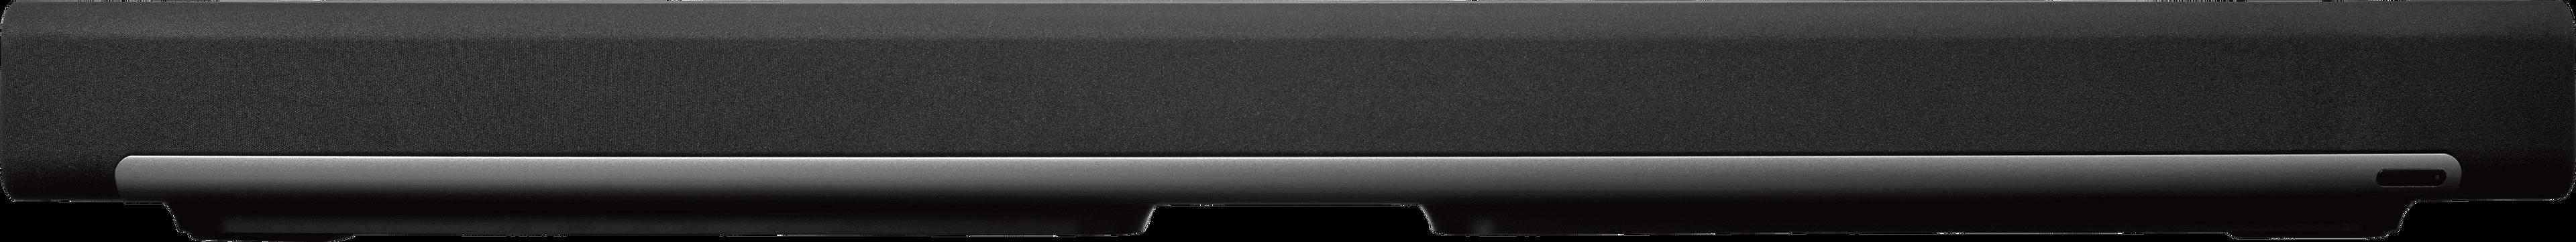 Sonos Playbar - face avant